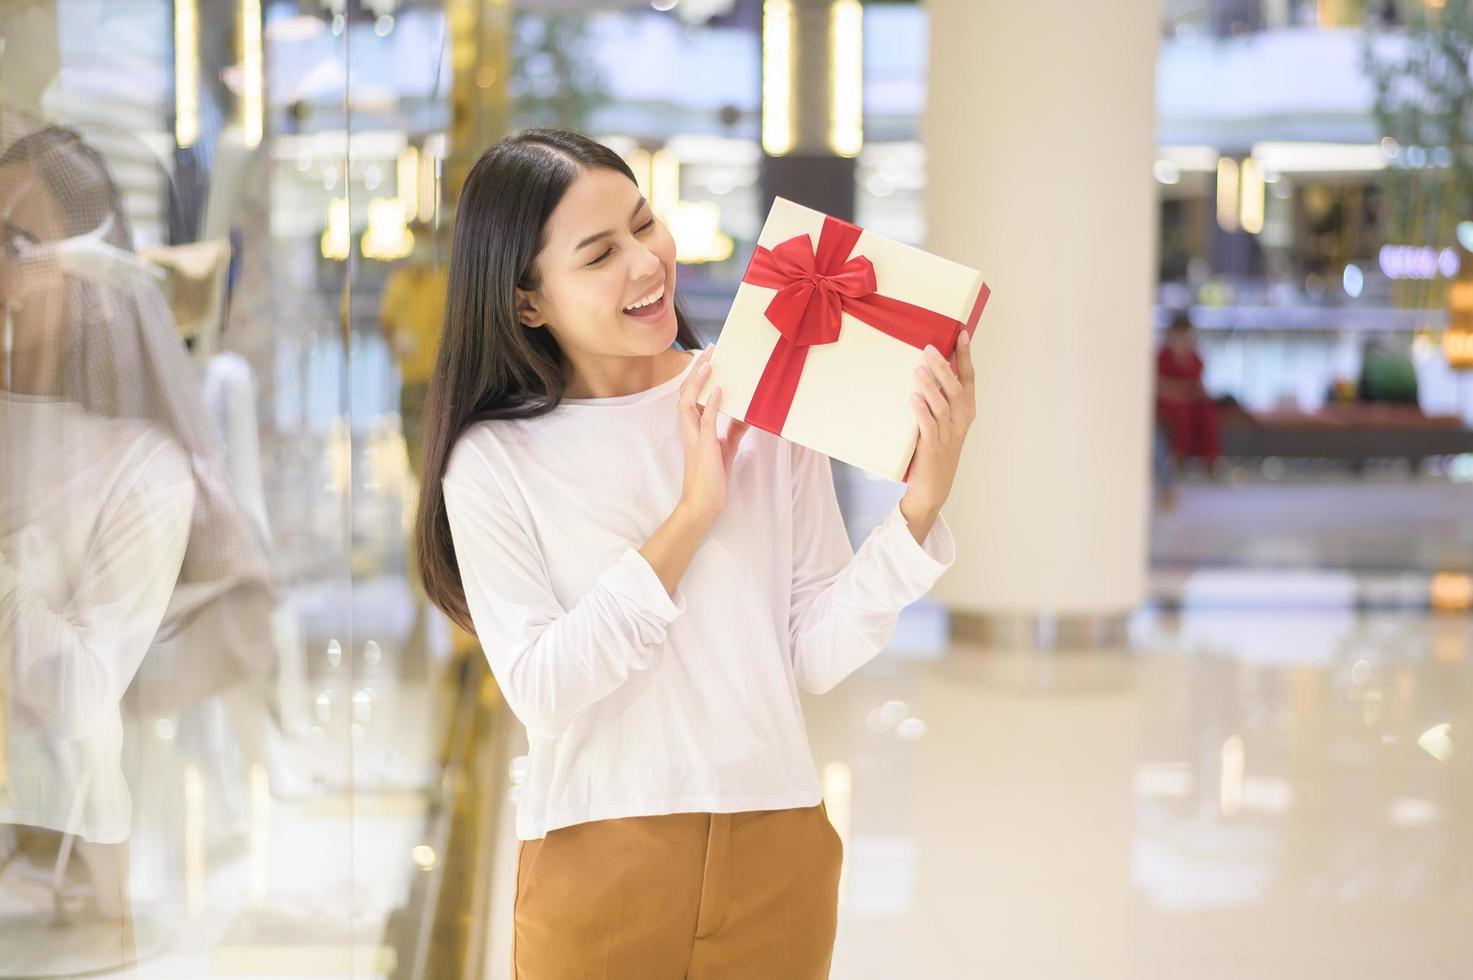 mujer sosteniendo un regalo foto